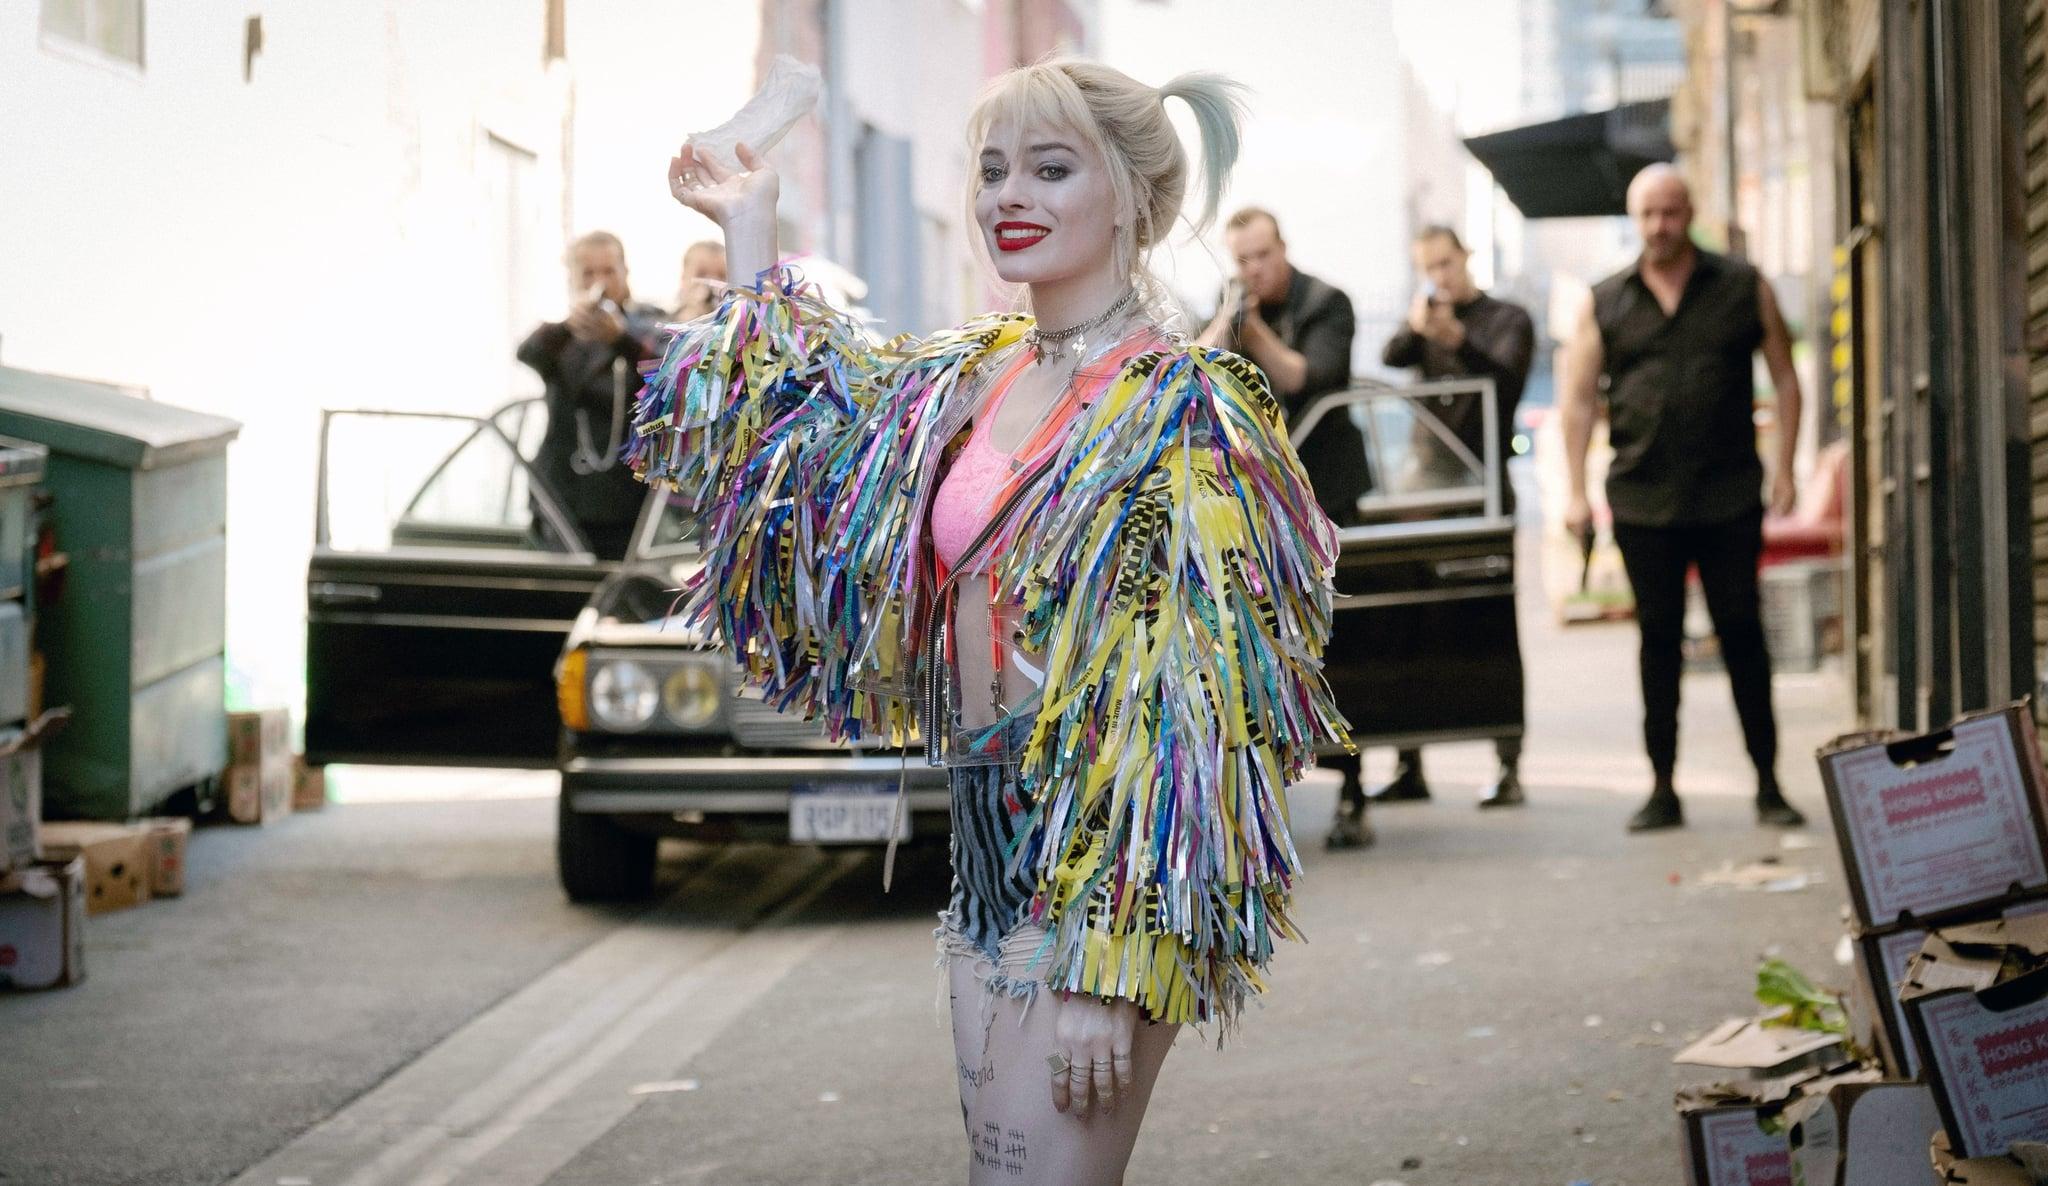 BIRDS OF PREY, Margot Robbie as Harley Quinn, 2020. ph: Claudette Barius /  Warner Bros. / courtesy Everett Collection